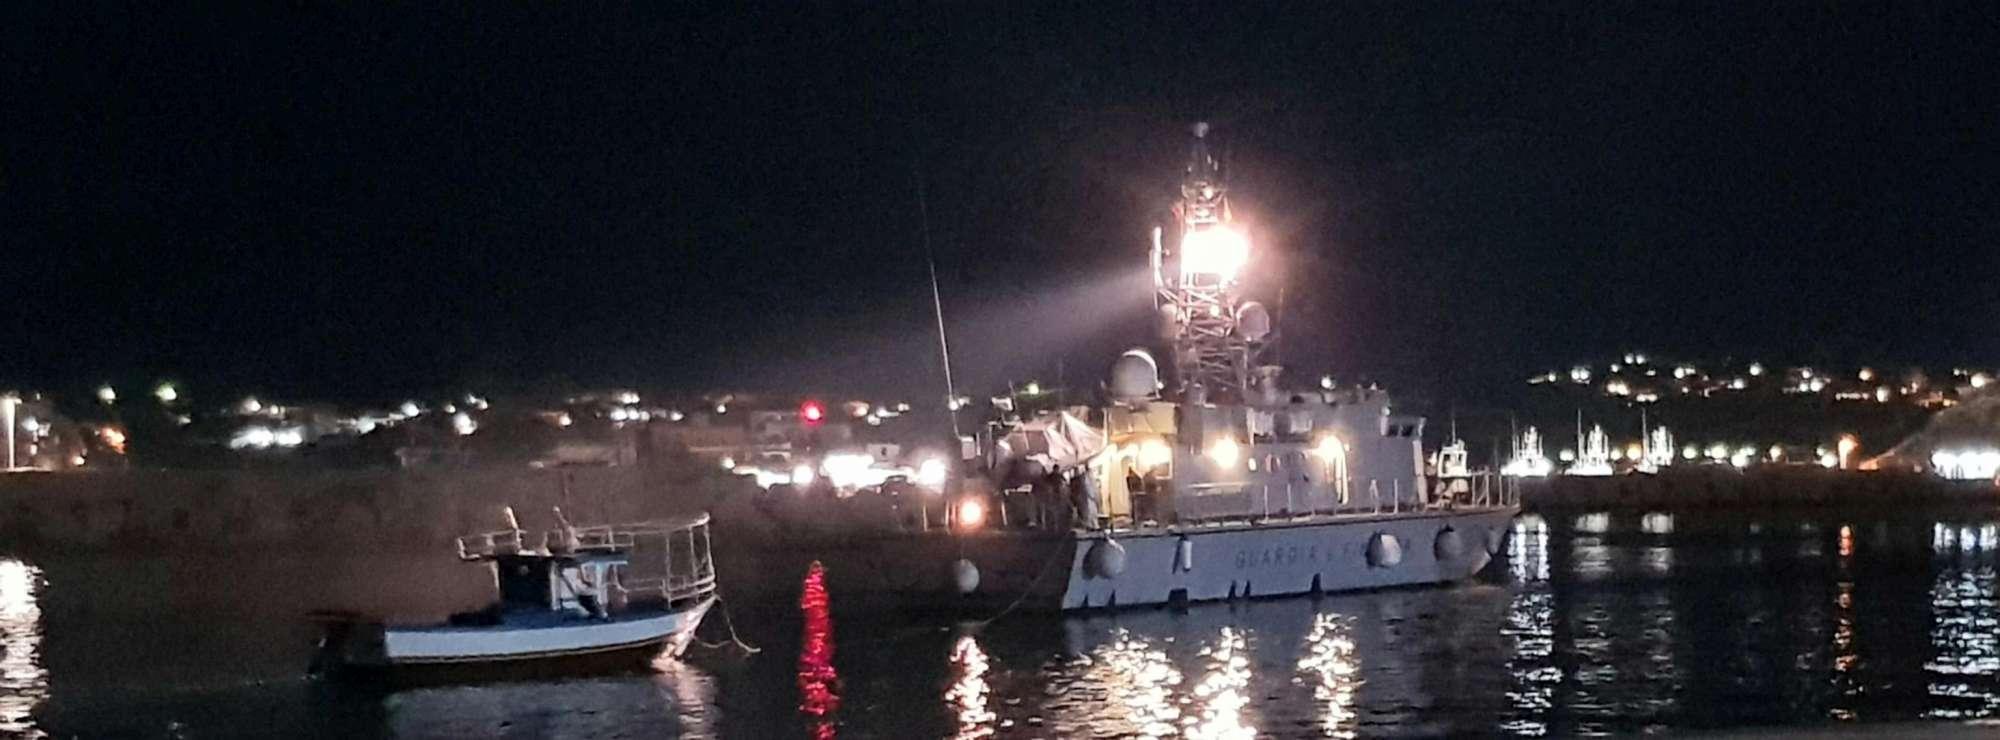 Migranti, altri sbarchi nella notte a Lampedusa